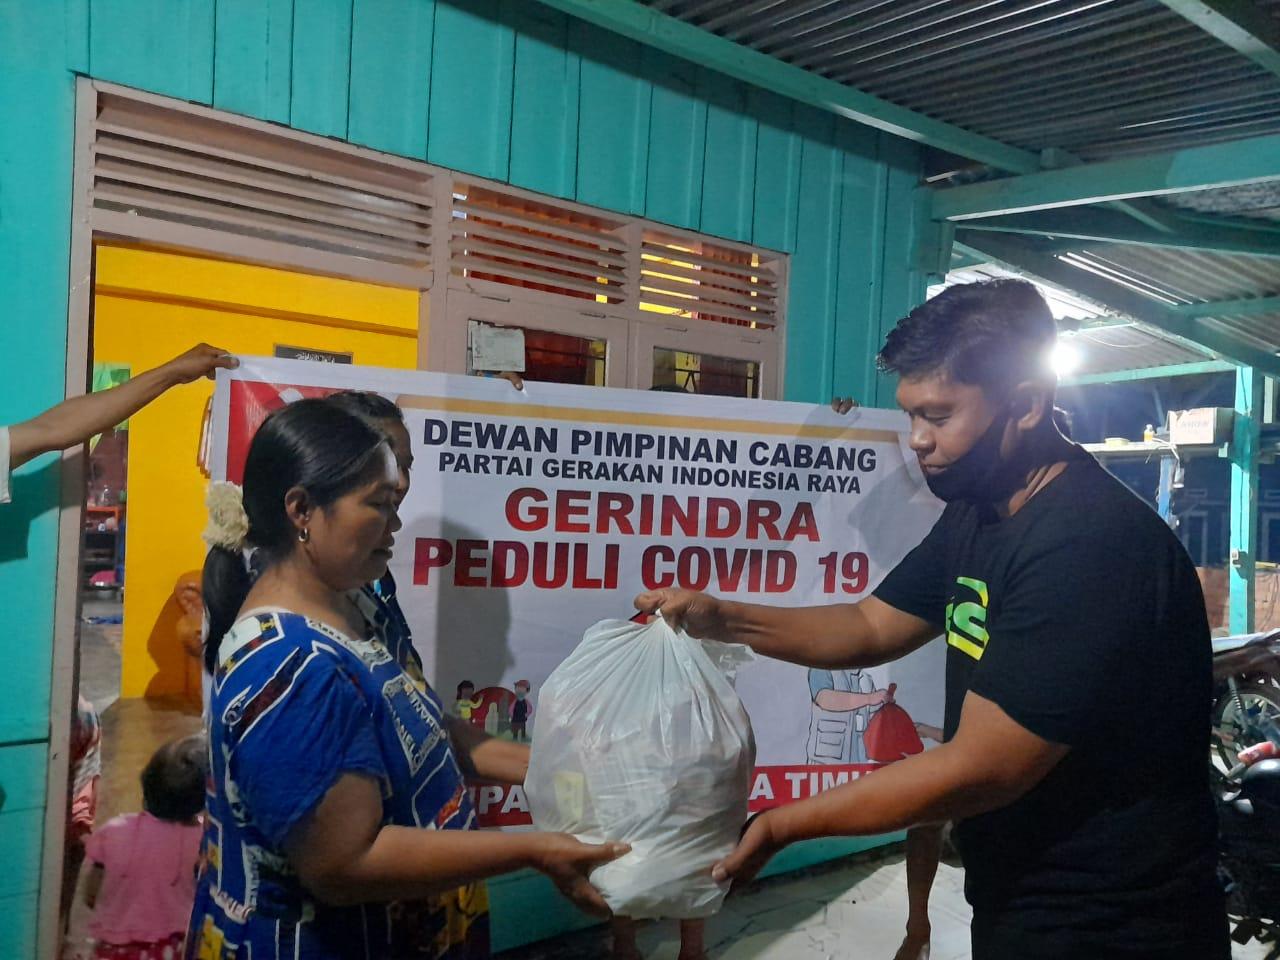 Gerindra Peduli, Bagikan 1000 Paket Sembako ke Masyarakat Koltim Terdampak Covid19